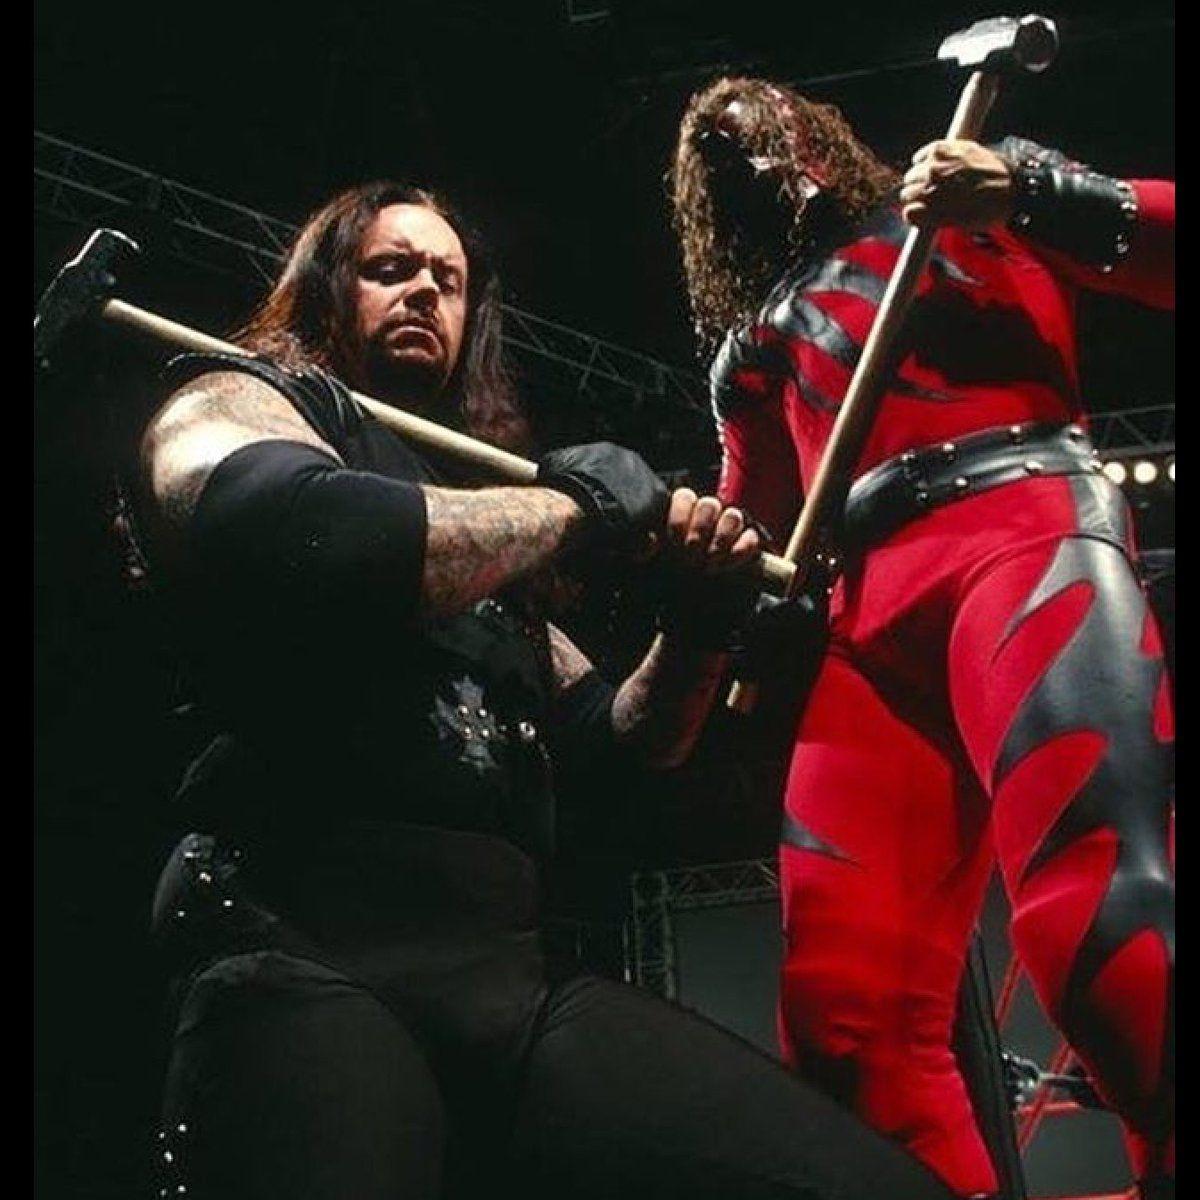 WWE组队!毁灭兄弟,圣盾,DX,还是喜欢其他队?成就多少?